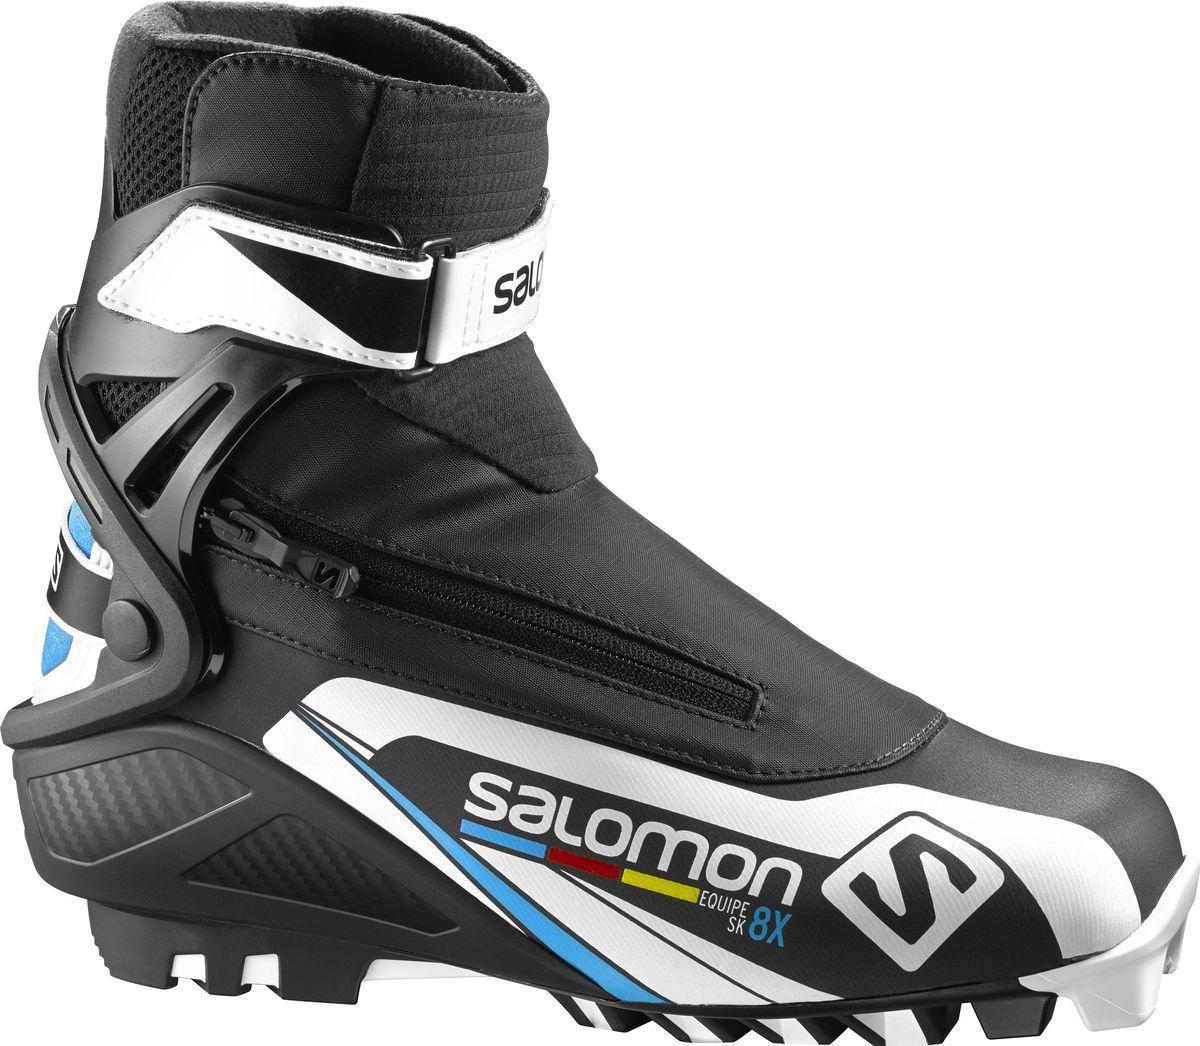 Ботинки для беговых лыж Salomon Equipe 8X Skate, цвет: черный. Размер 8,5 (41)L39187800В ботинках Salomon Equipe 8X Skate совмещены системы термоформовки Custom fit с инновационной раздельной системой быстрого шнурования для великолепного комфорта. Манжета Energyzer cuff обеспечит мощную и прогрессивную боковую поддержку. Ботинки созданы для любителей лыжного спорта, ценящих рабочие характеристики и желающих приобрести ботинки по доступной цене.